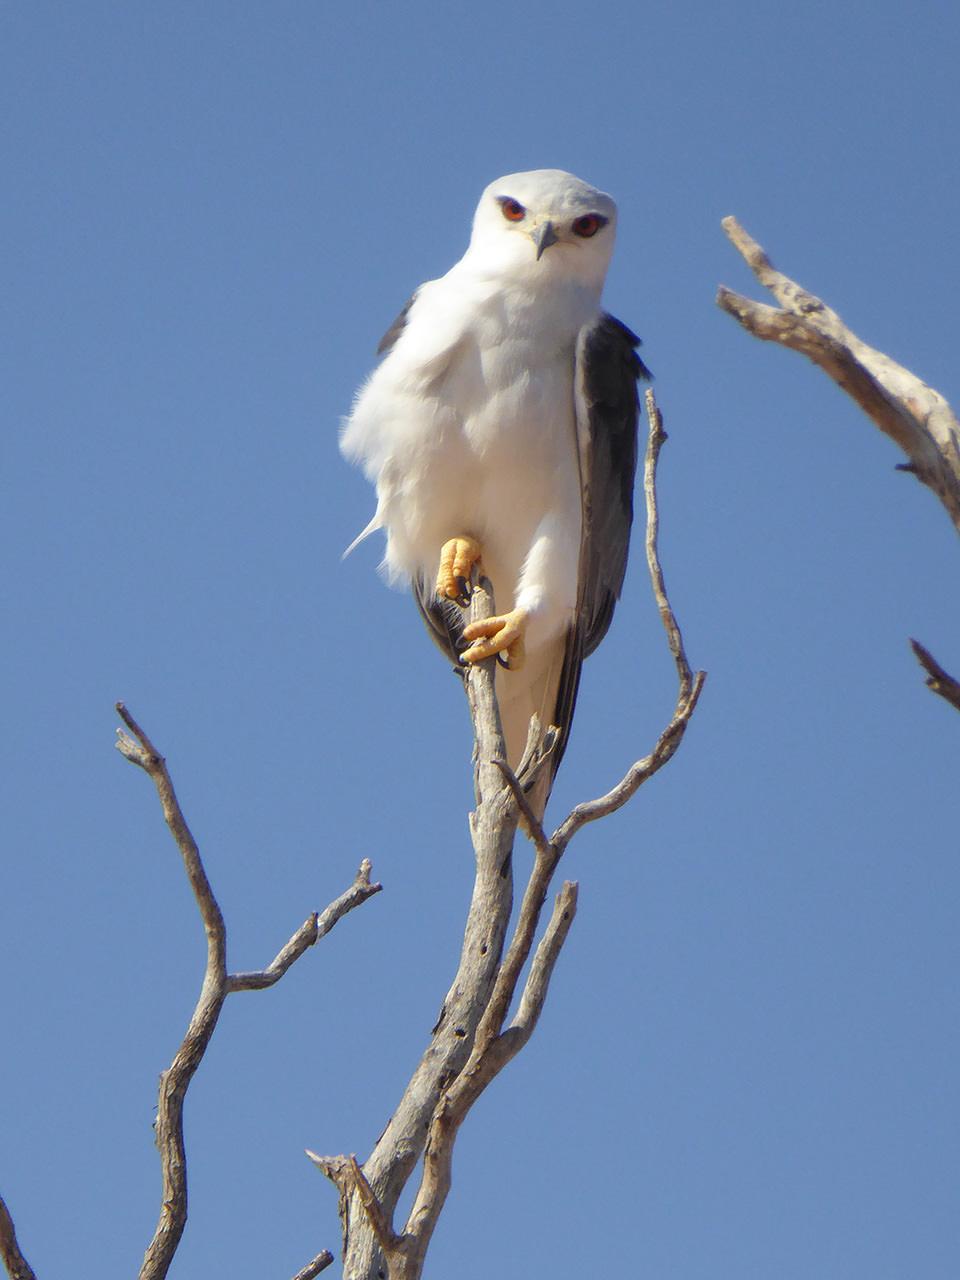 こちらに帰ってきてから、年賀状を作成して友達に送りました。『酉年だし、この写真にしよー』っと軽い気持ちで年賀状にした鳥。最近、『なんて鳥なん?』と聞かれます…。正解はカタグロトビなんだそうです。